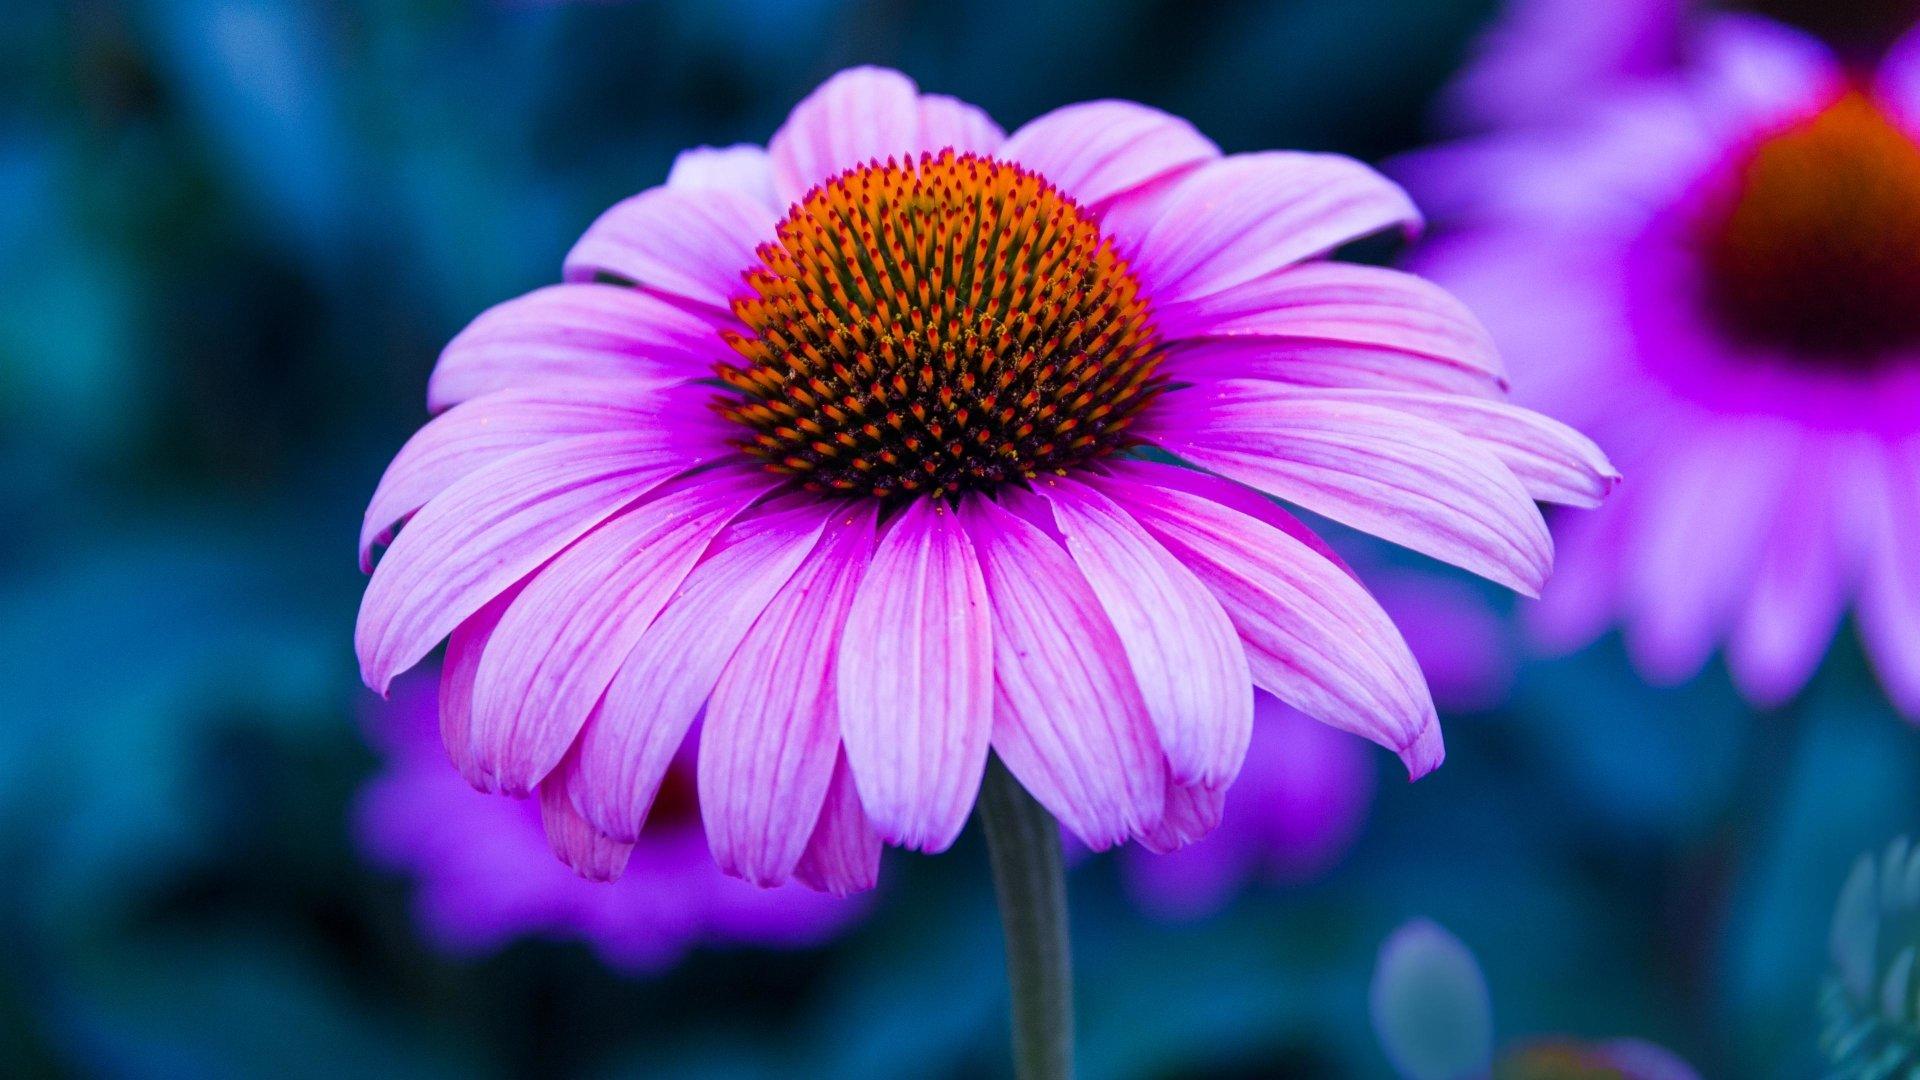 Purple Coneflower Wallpapers: Echinacea Flower 4k Ultra HD Wallpaper